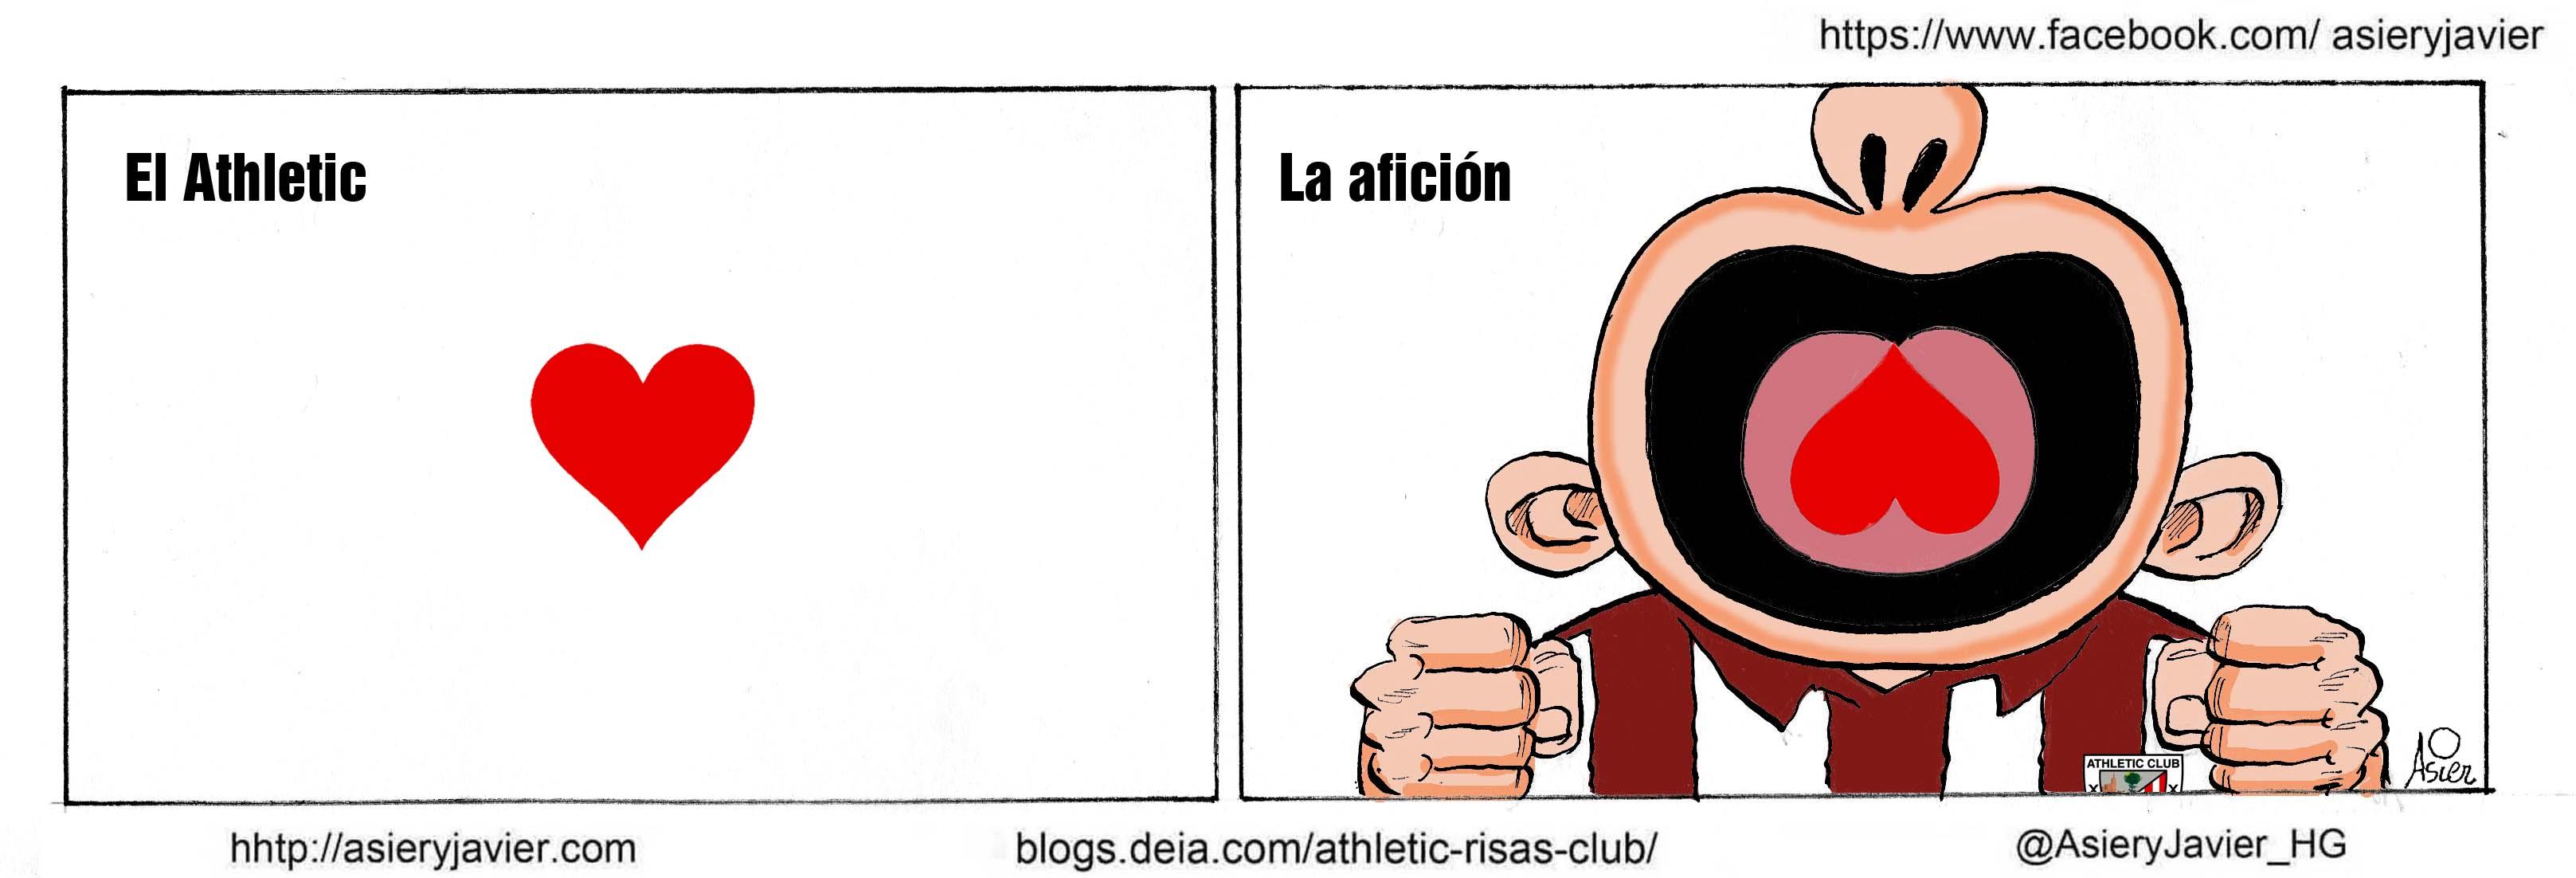 El Athletic y la afición, un mismo corazón que late por la Champions. Viñeta.